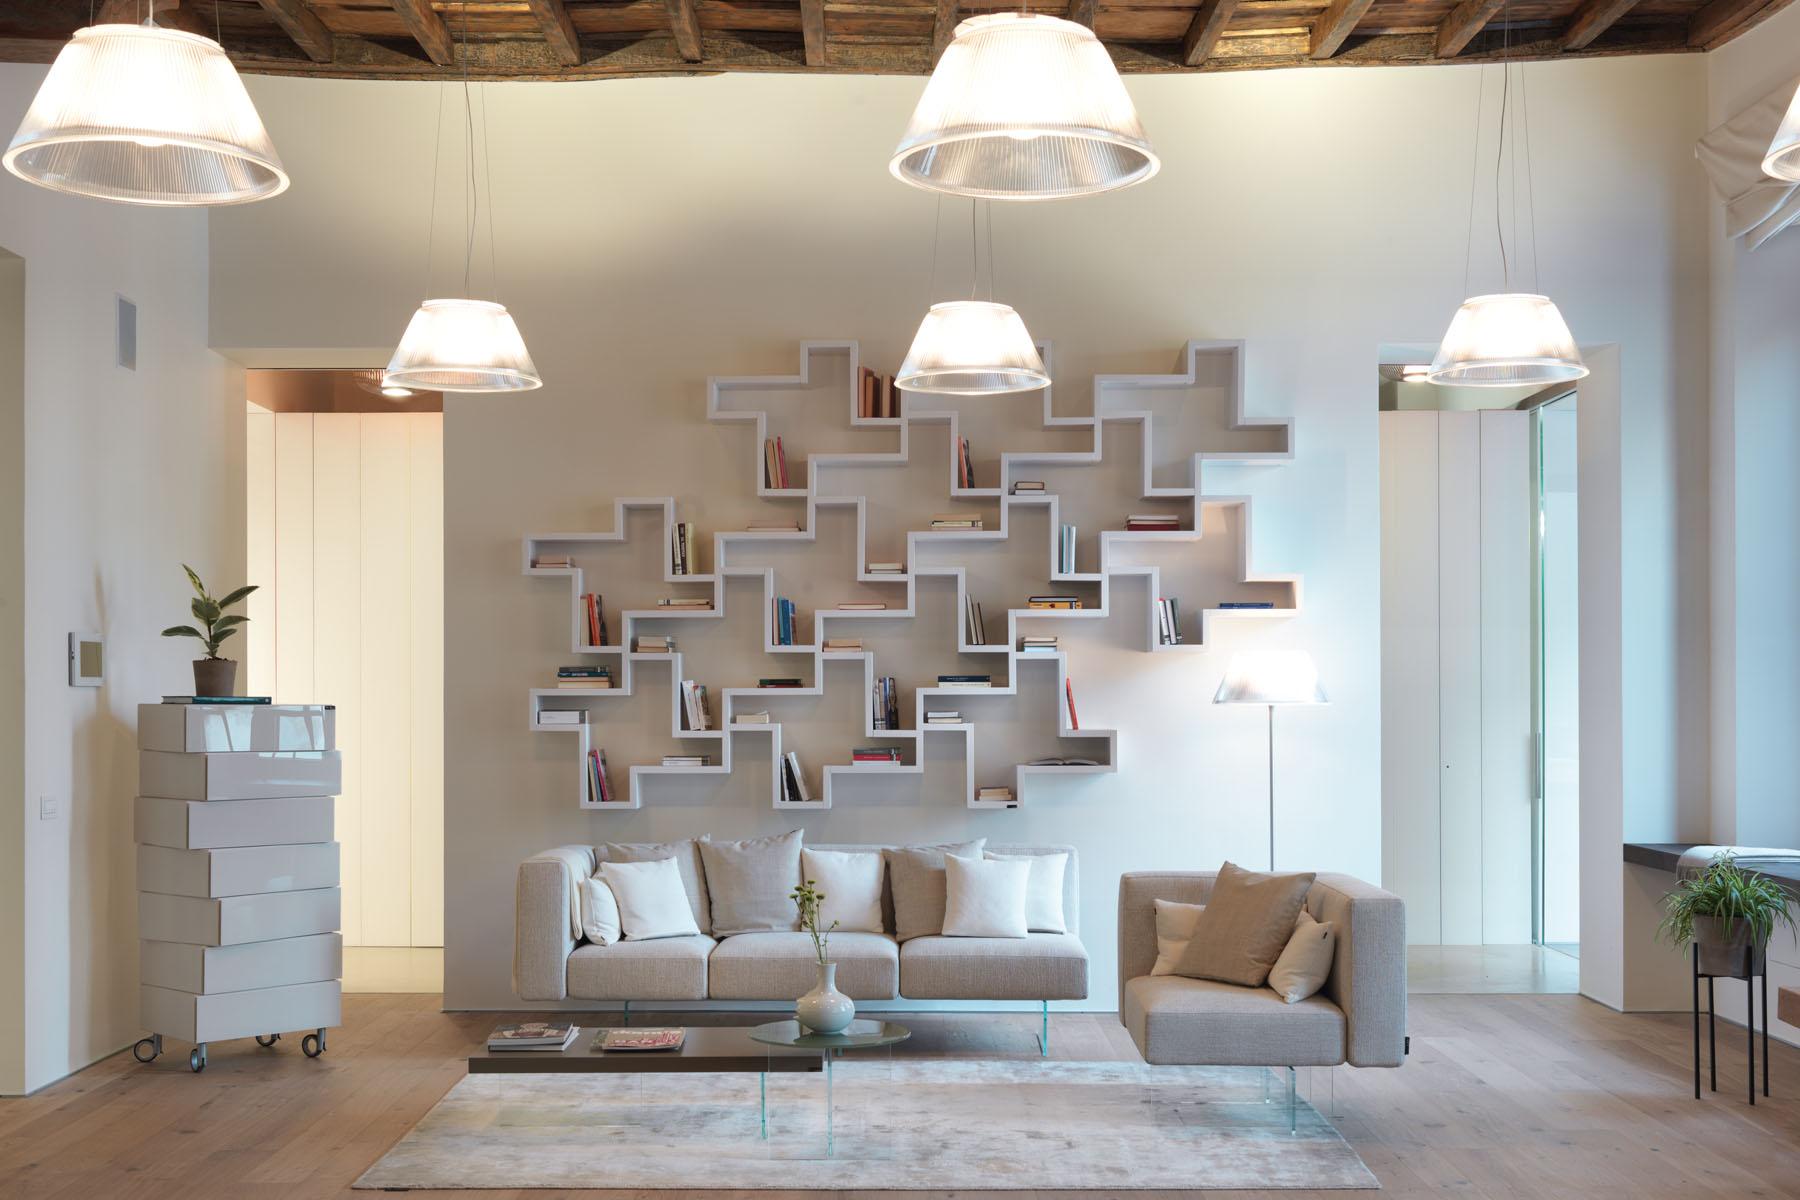 Mobili per il soggiorno idee per arredare il soggiorno  Fabbri Arredamenti